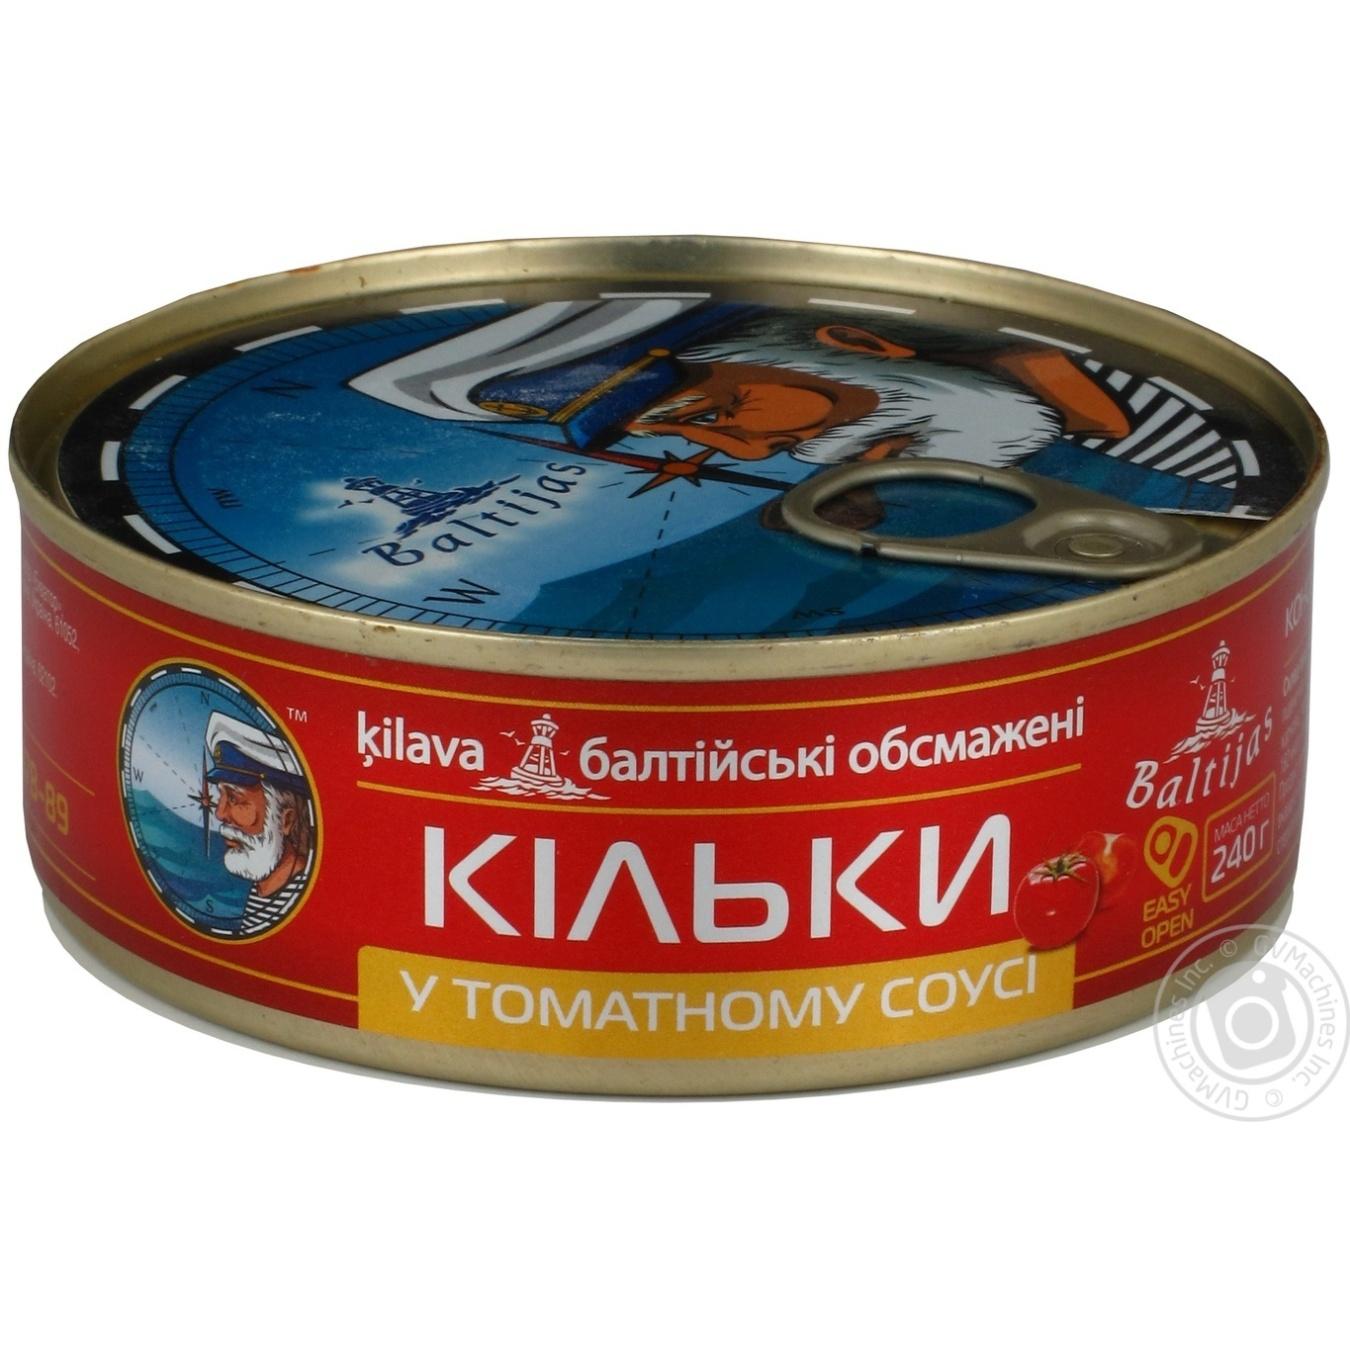 BALTIJAS КІЛЬКИ ТОМ/СОУС 240Г